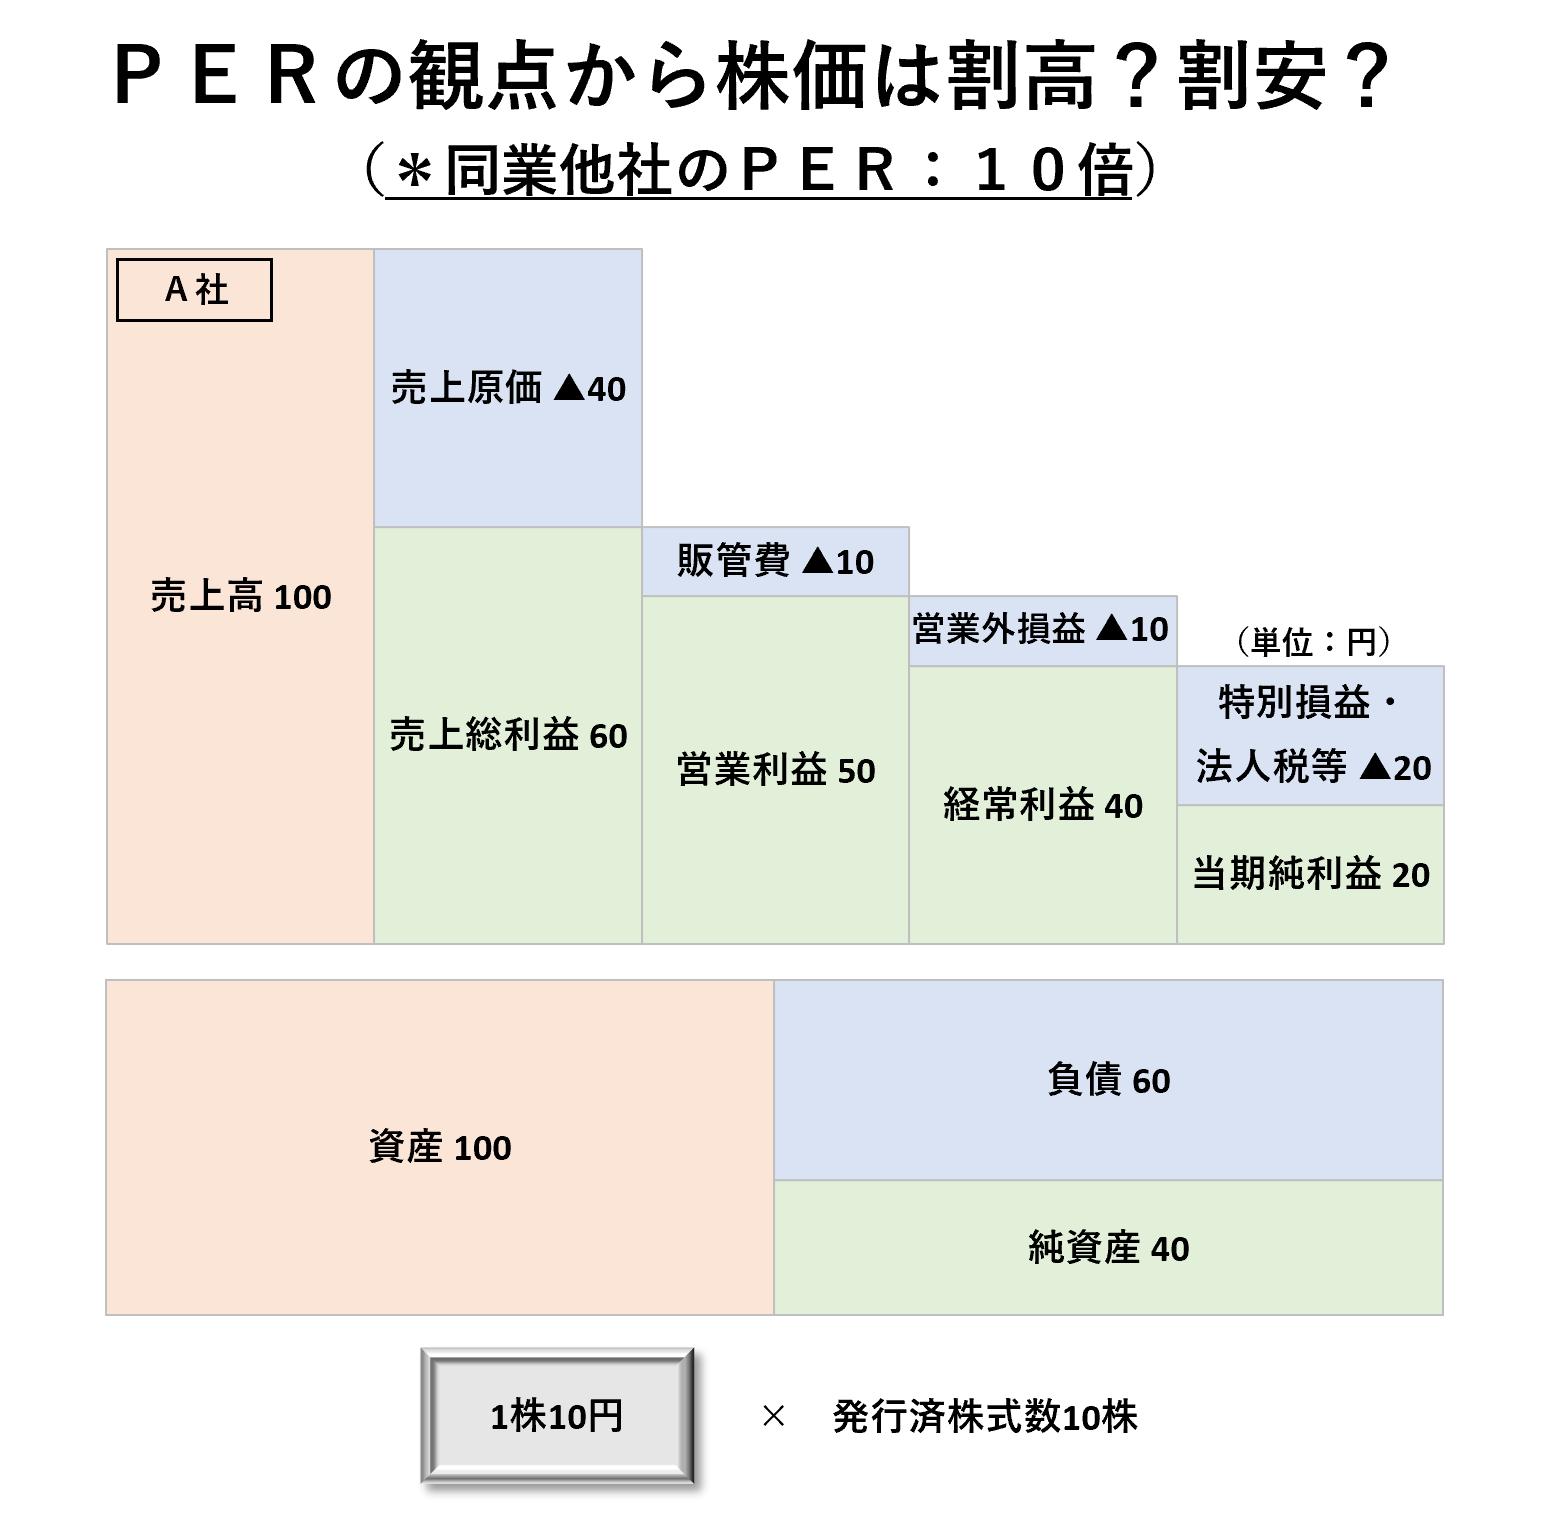 1株当たり分析(2級):PER割高割安ー問題